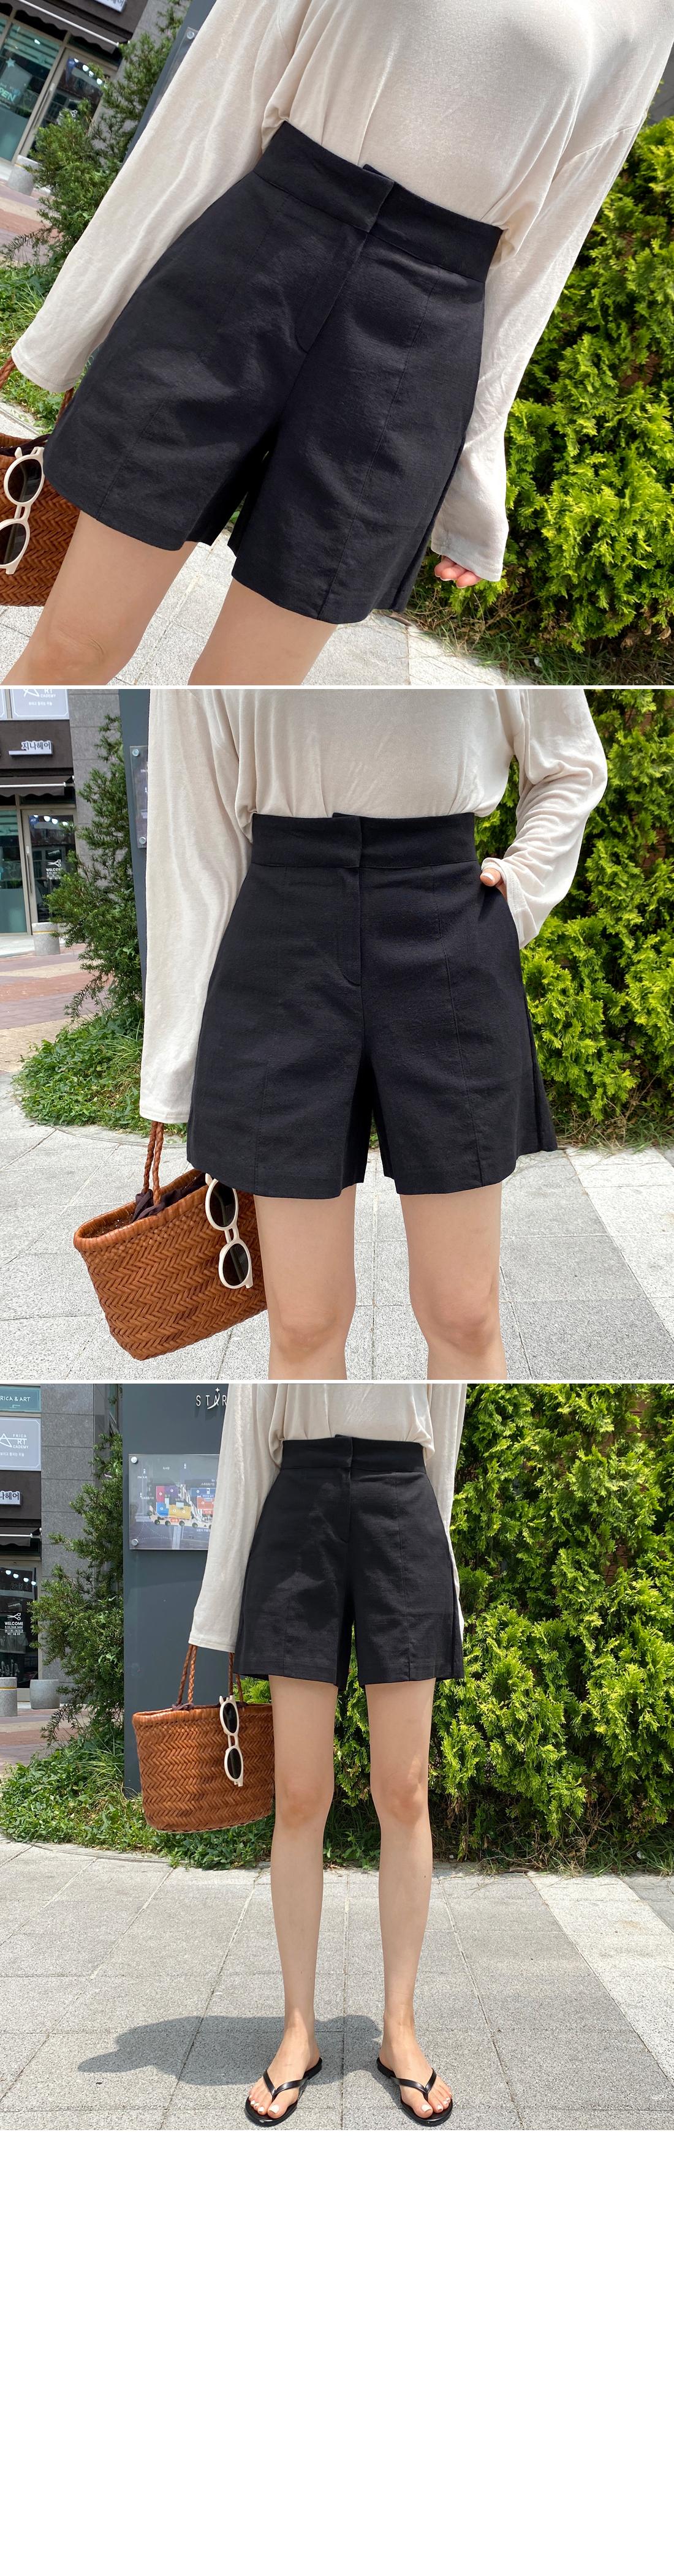 Incision cotton 3 part shorts